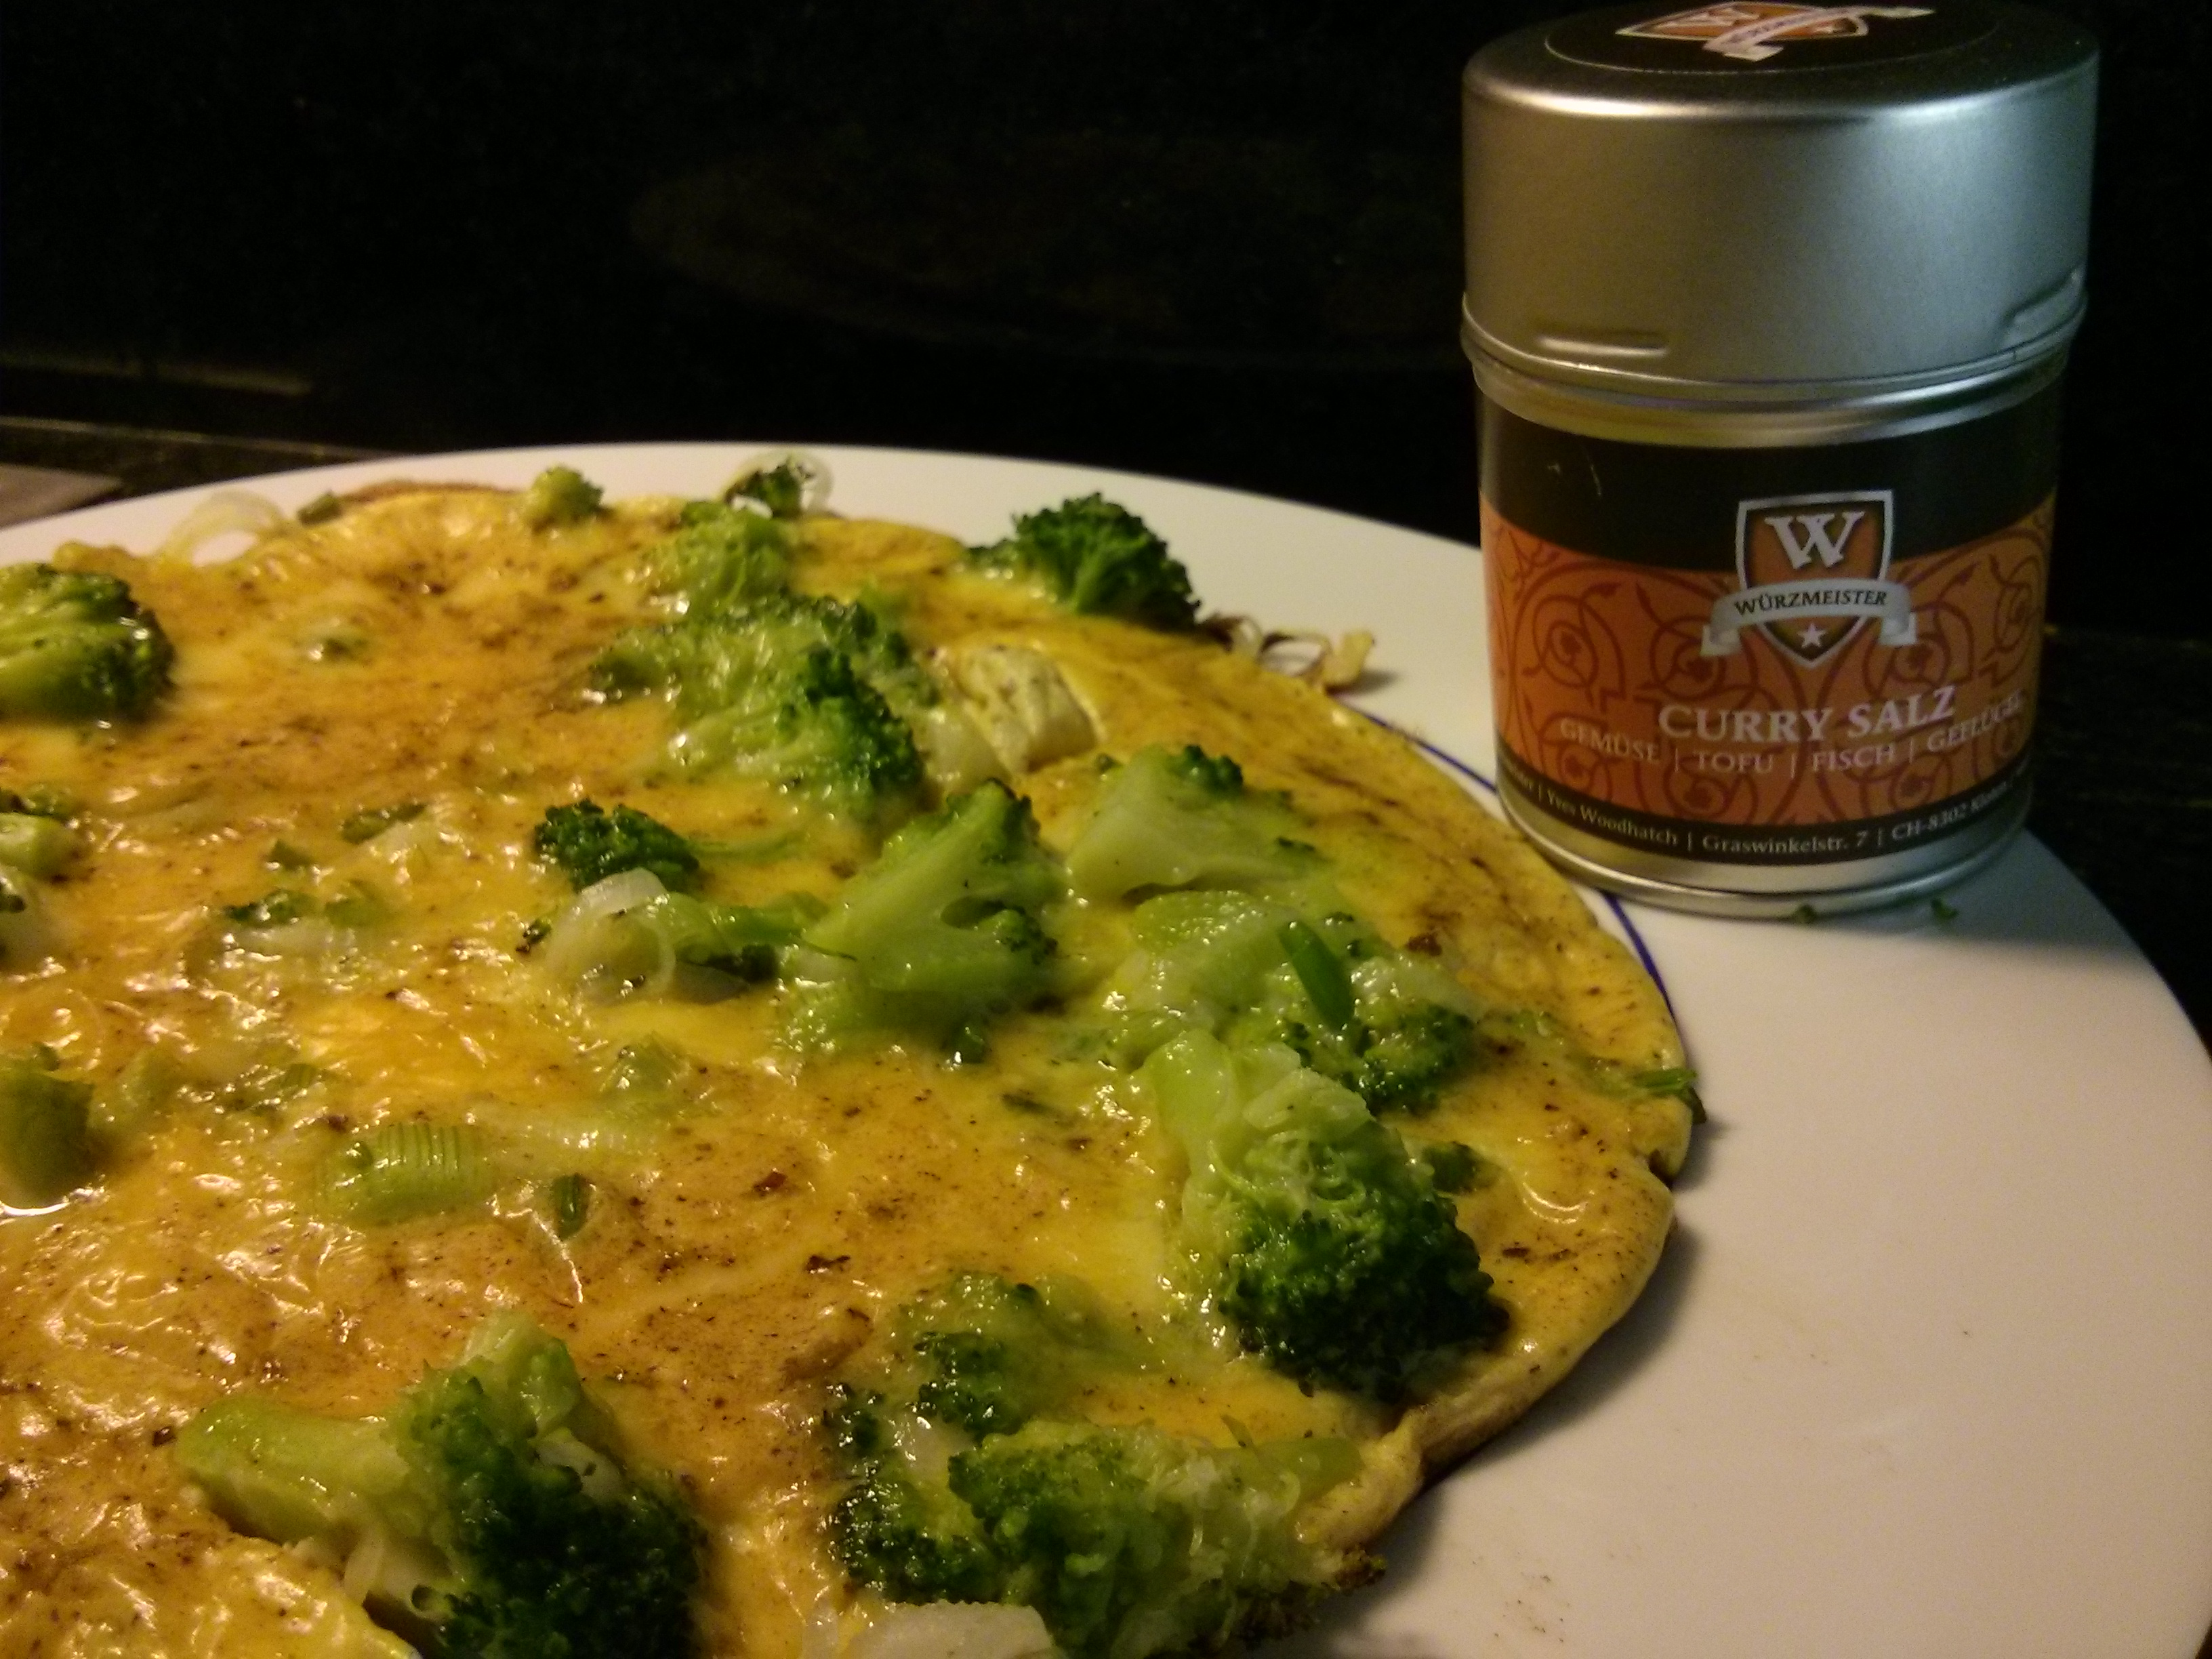 Bild zum Rezept Blumenkohl-Curry-Omelette mit der Gewürzmischung Curry Salz gewürzt.